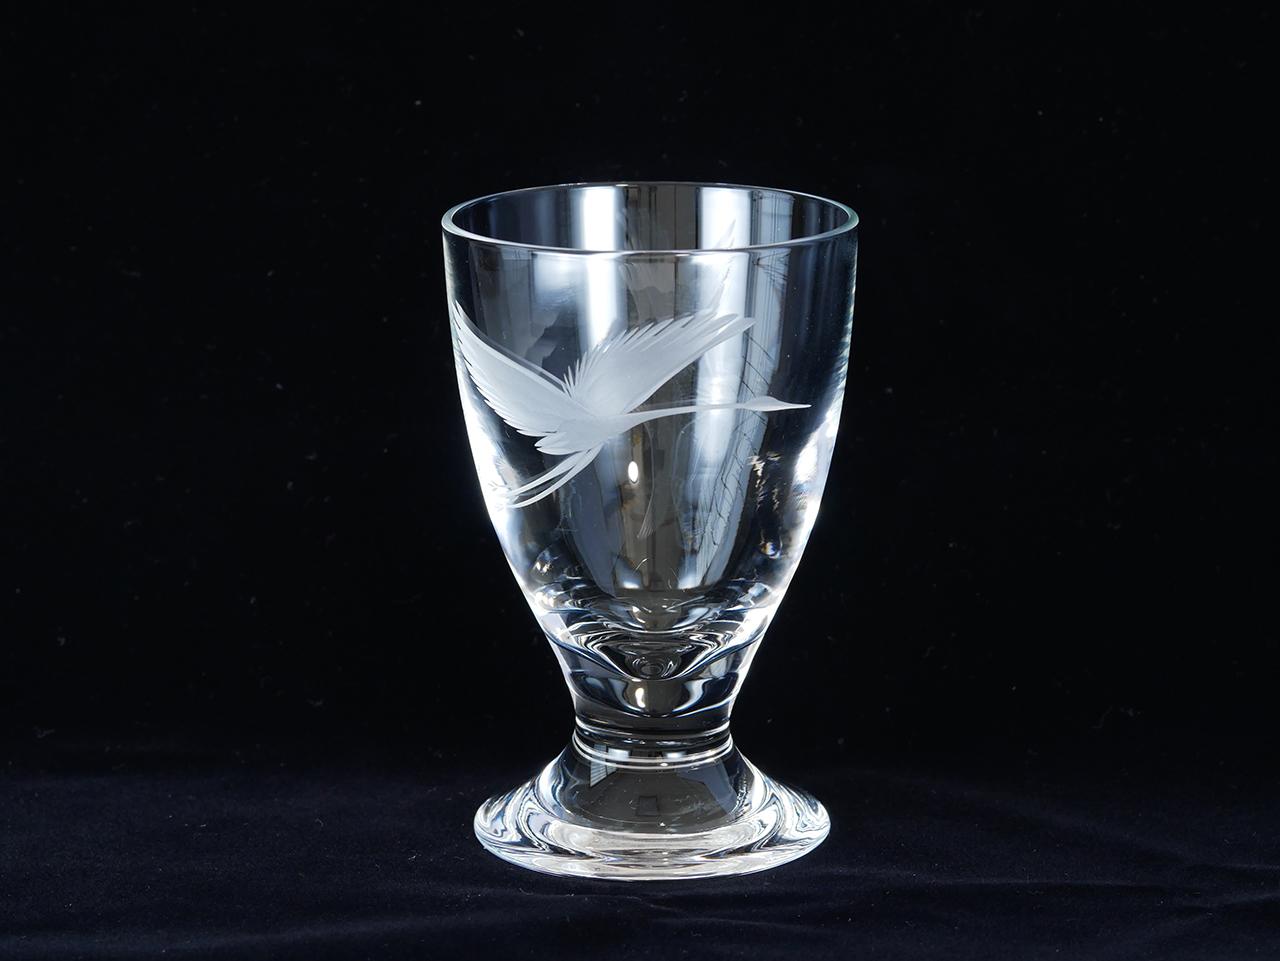 ミニワイン 鶴 透き